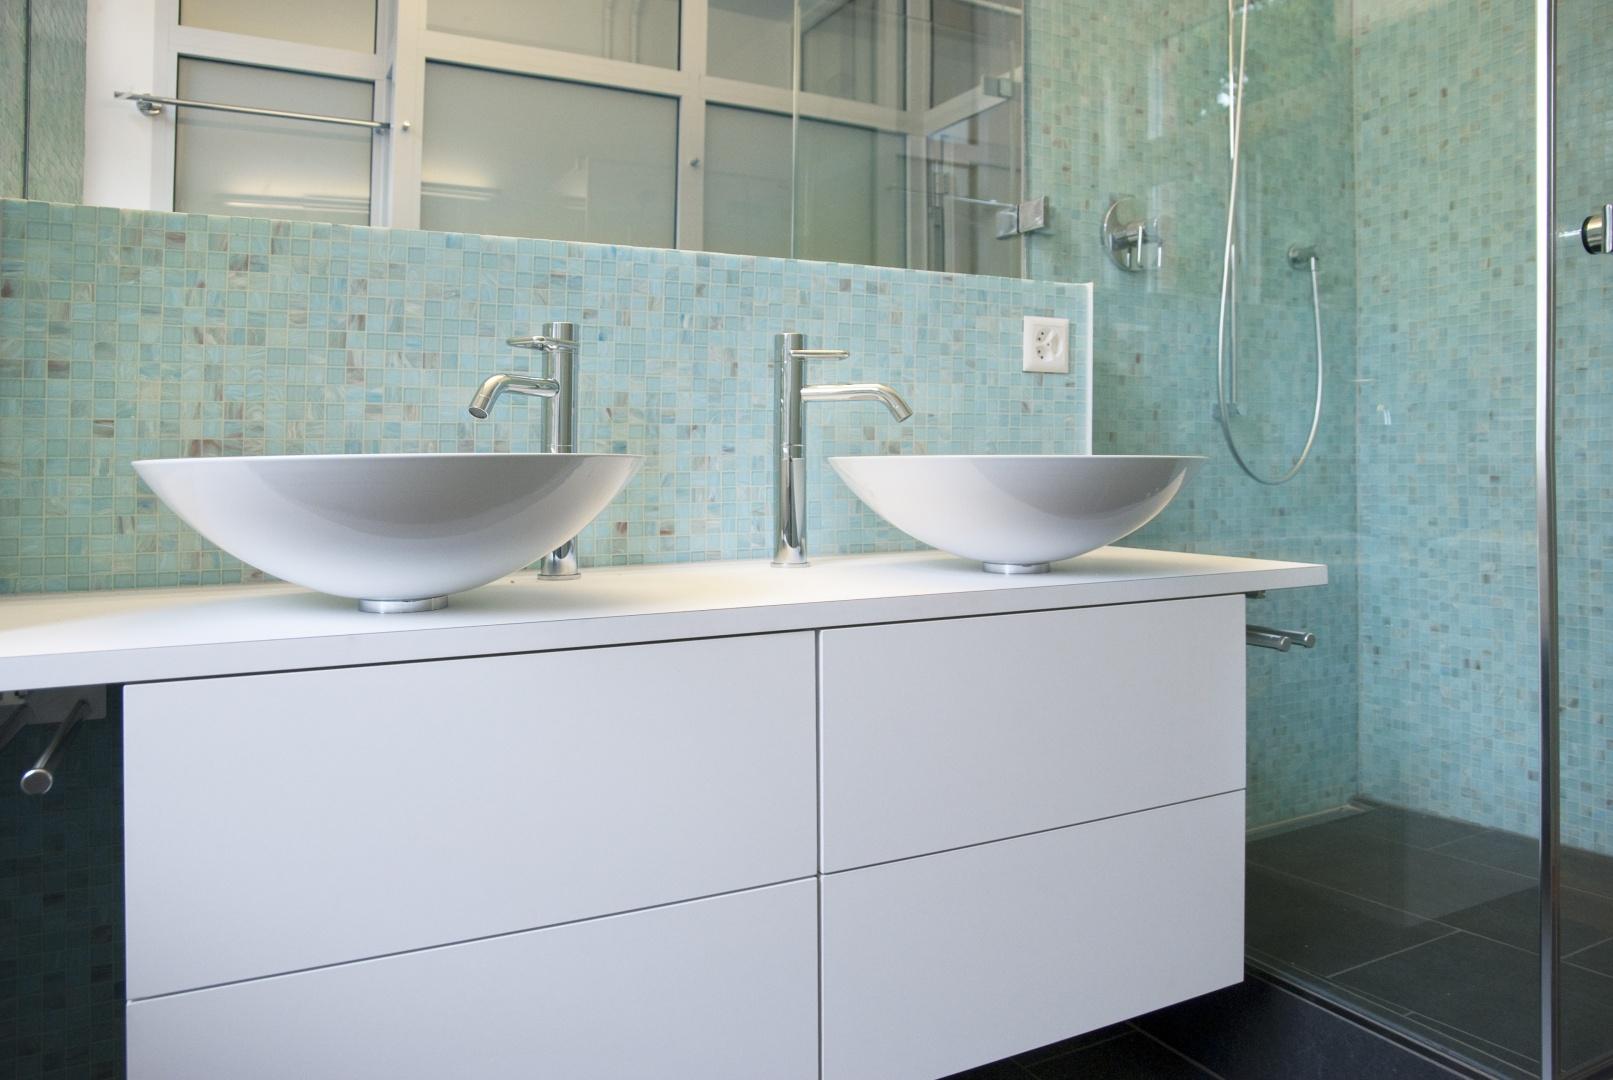 Bad / Dusche EG / OG © eob.ch / Art Design Architektur